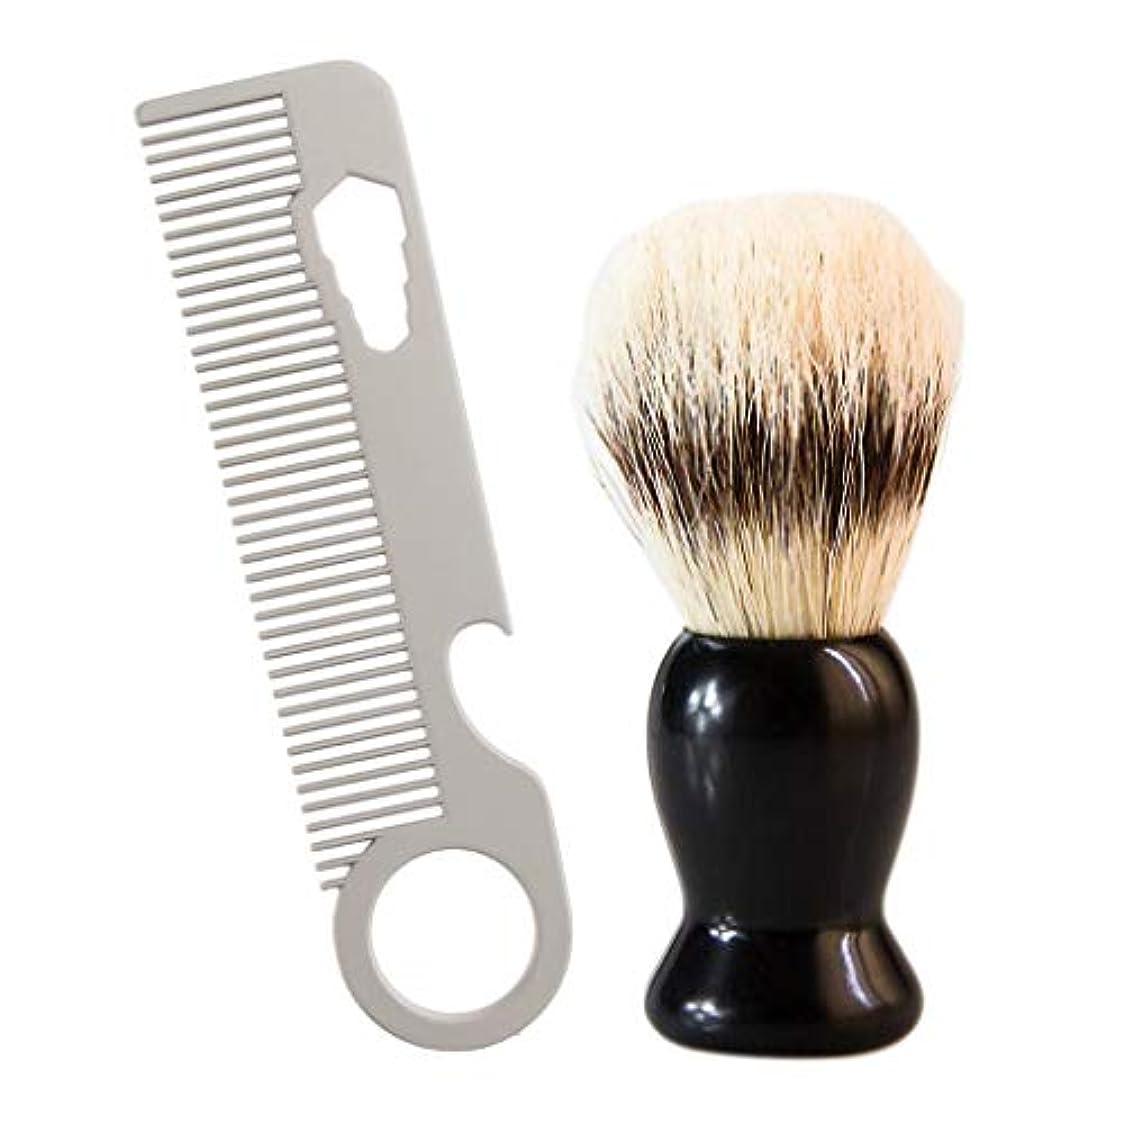 セマフォ同行没頭する男性用 ひげ剃り櫛 シェービングブラシ 理容 洗顔 髭剃り 旅行 携帯便利 2個セット